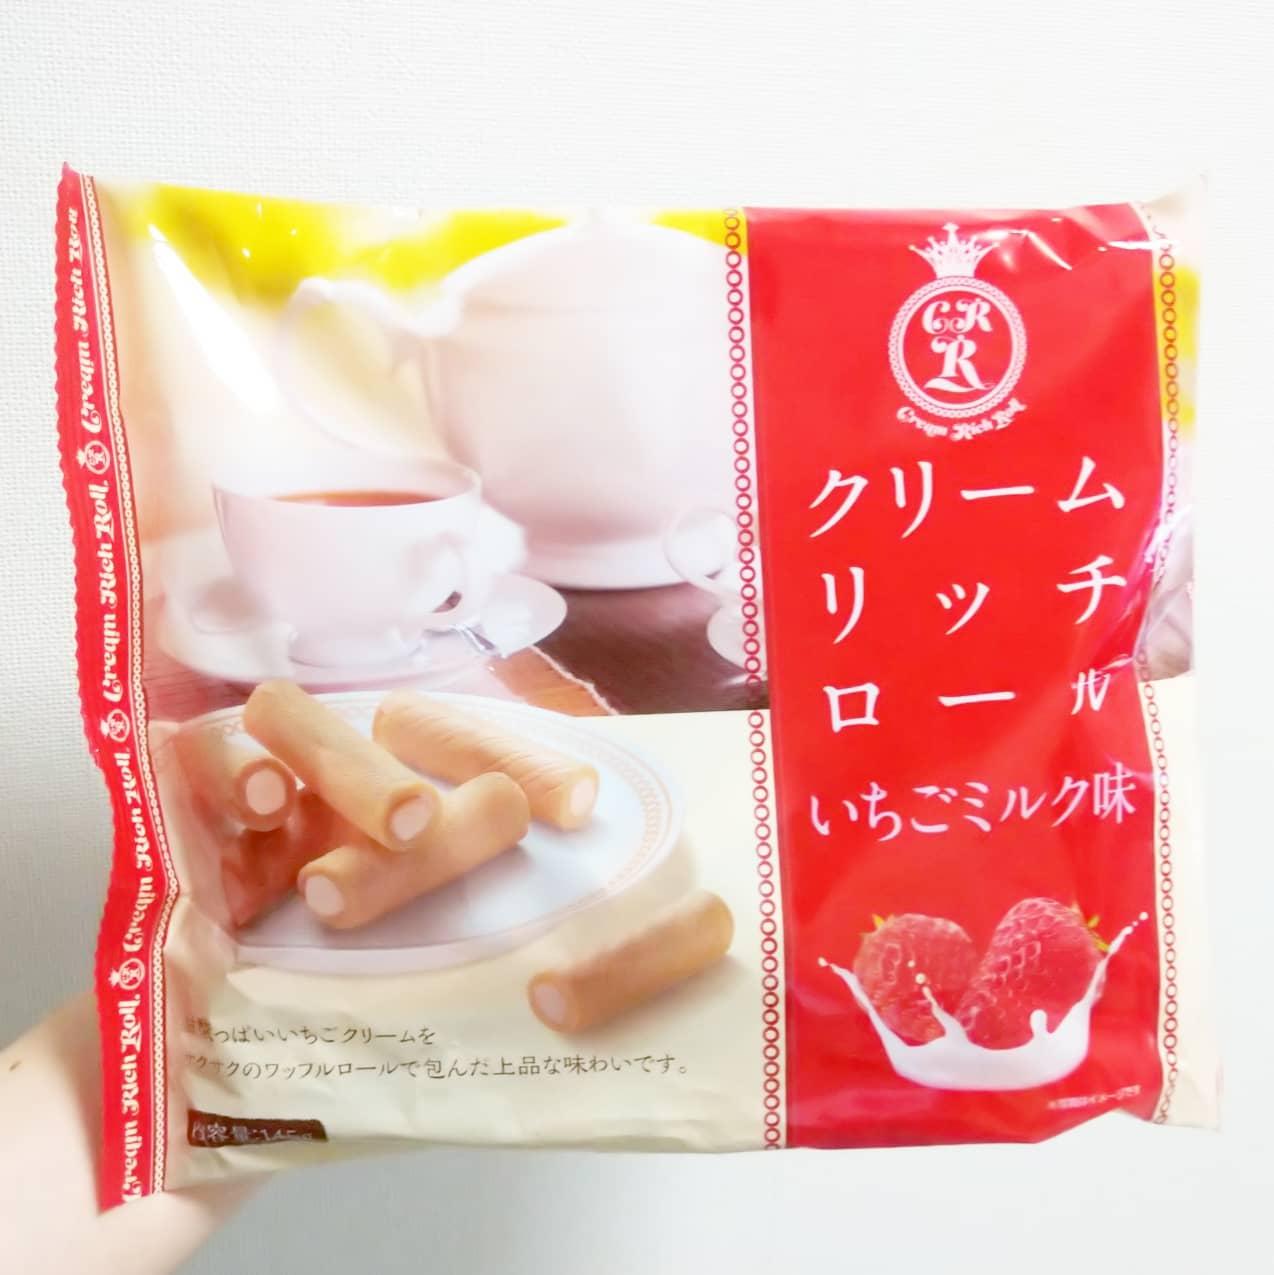 #いちごミルクラブ #旺旺ジャパン #クリームリッチロールいちごミルク味 謎イチゴ系--☆--本物イチゴ系甘さ強め系--☆--控え目系こってり系--☆--さっぱり系超ミルク系--☆--生クリーム系おもいで度--☆-- #侍猫度カリカリワッフル生地にほんのり苺なミルククリームのやつだね。わりと量が沢山入ってるから満足度は高いやつ!お土産で買ったやつ #いちごオレ #いちごオレ味 #いちごミルク #いちごミルクみたい #いちご牛乳 #いちご牛乳味 #イチゴ牛乳 #いちご牛乳クラブ #苺牛乳 #苺牛乳が好き #苺ミルク #苺スイーツ #苺 #苺好きに生まれたからには #メソギア派 #糖分 #いちごミルク味 #スイーツ #スイーツ好き #スイーツスタグラム #スイーツタイム #スイーツ写真 #strawberry #strawberrymilk